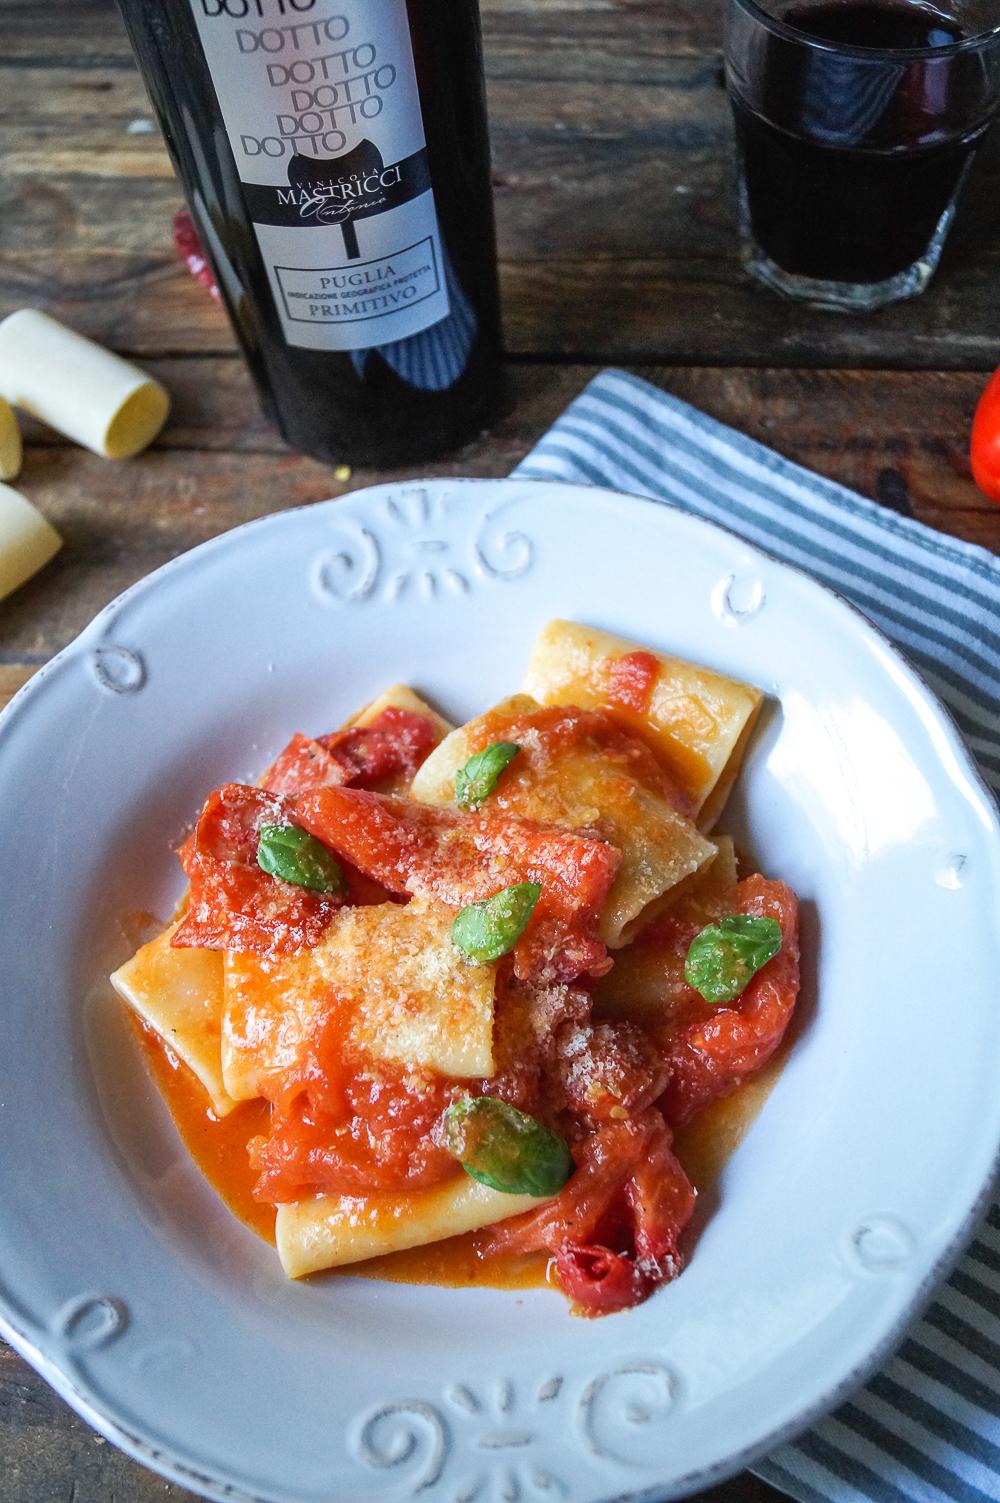 Paccheri alla scarpariello - Cooking Italy